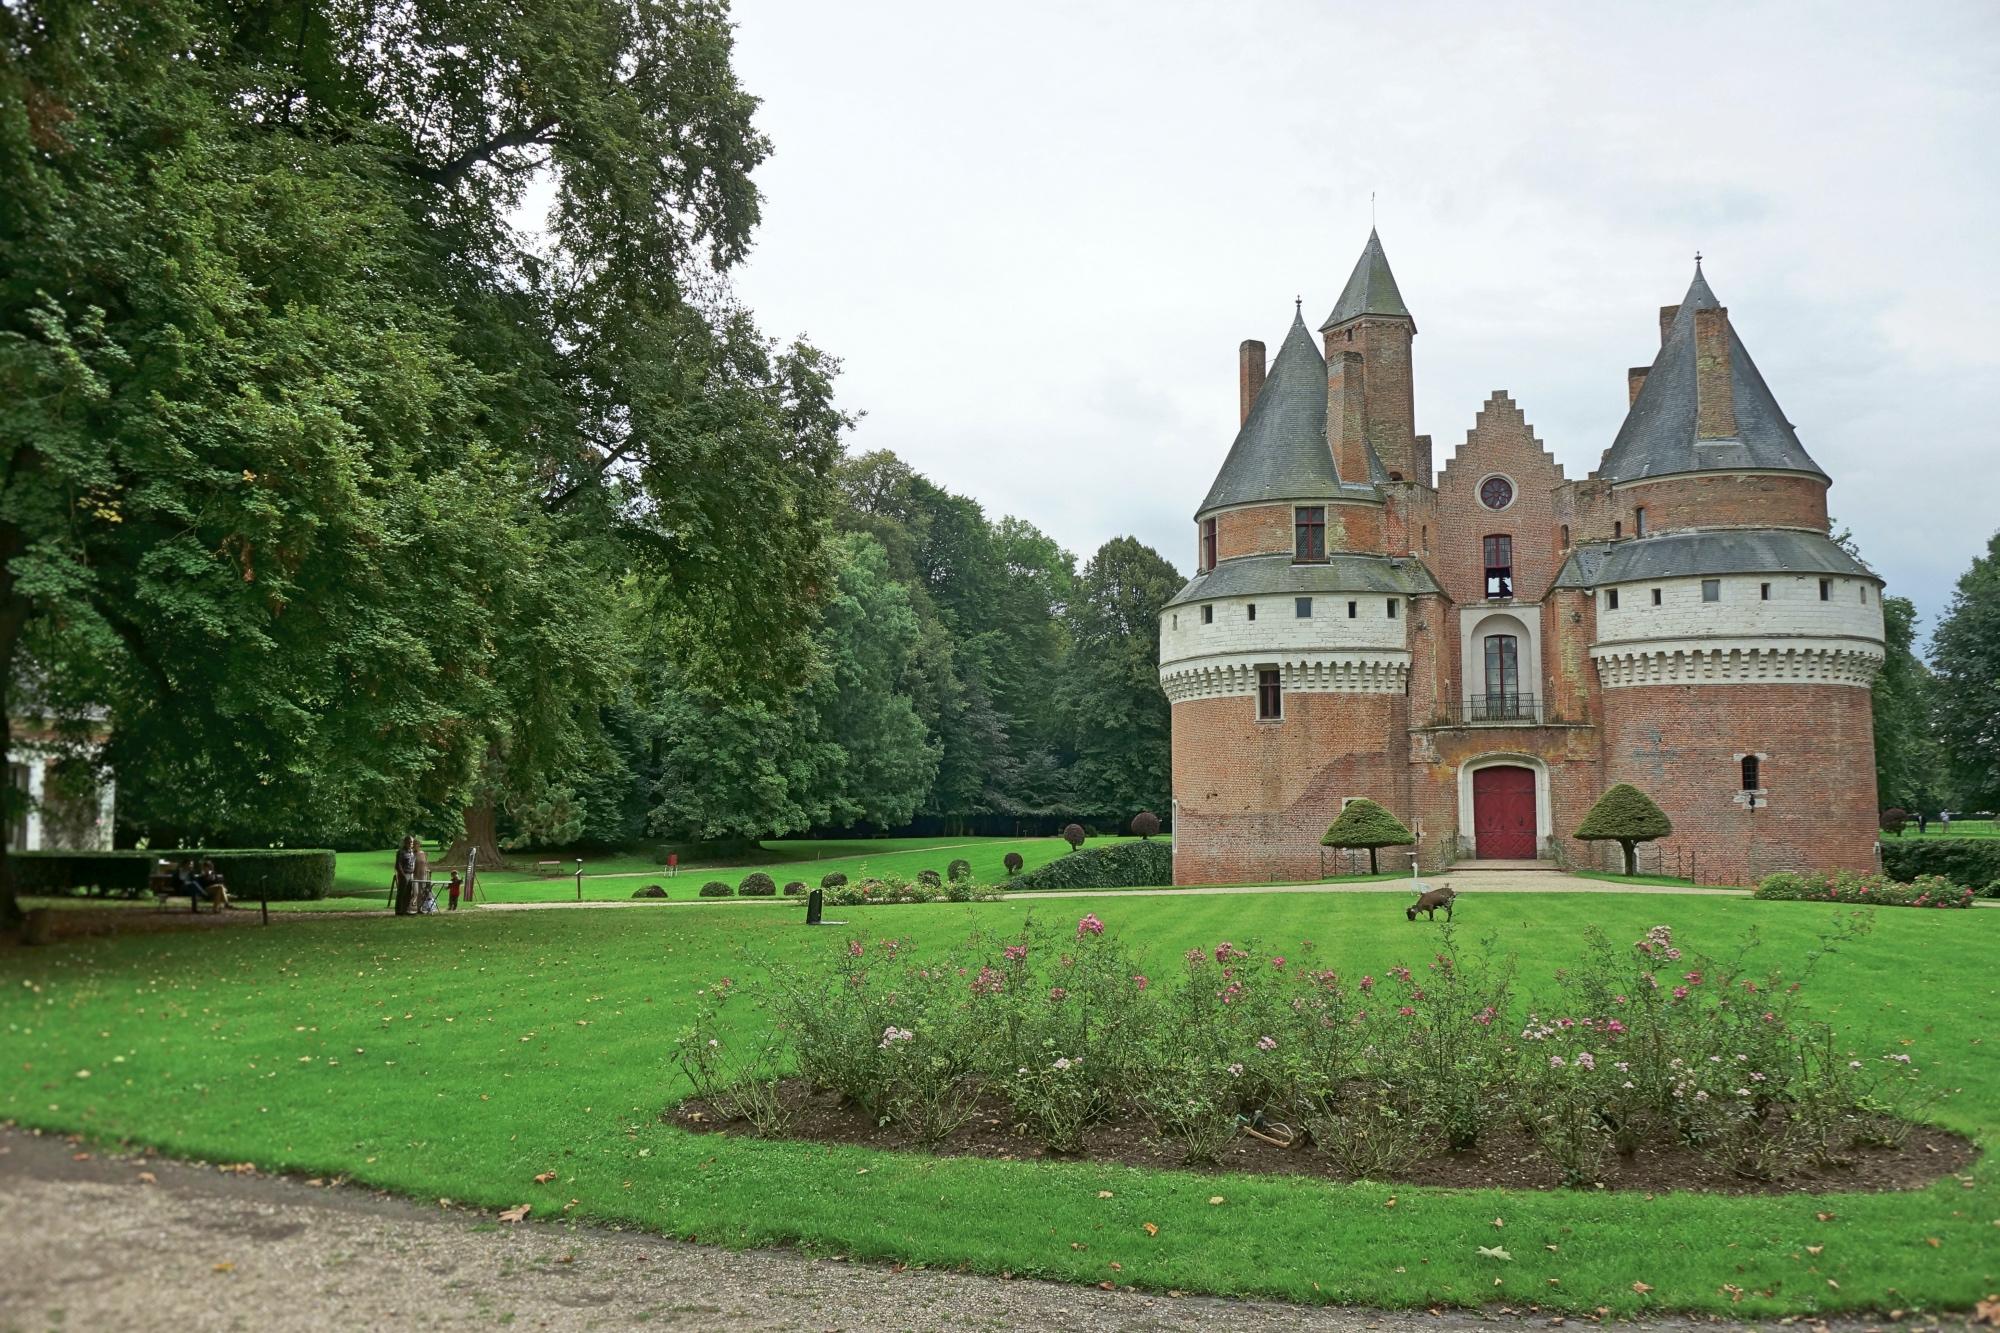 francja polnocna pikardia rambures zwiedzanie atrakcje zamek w rambures co zobaczyc we francji polnocnej